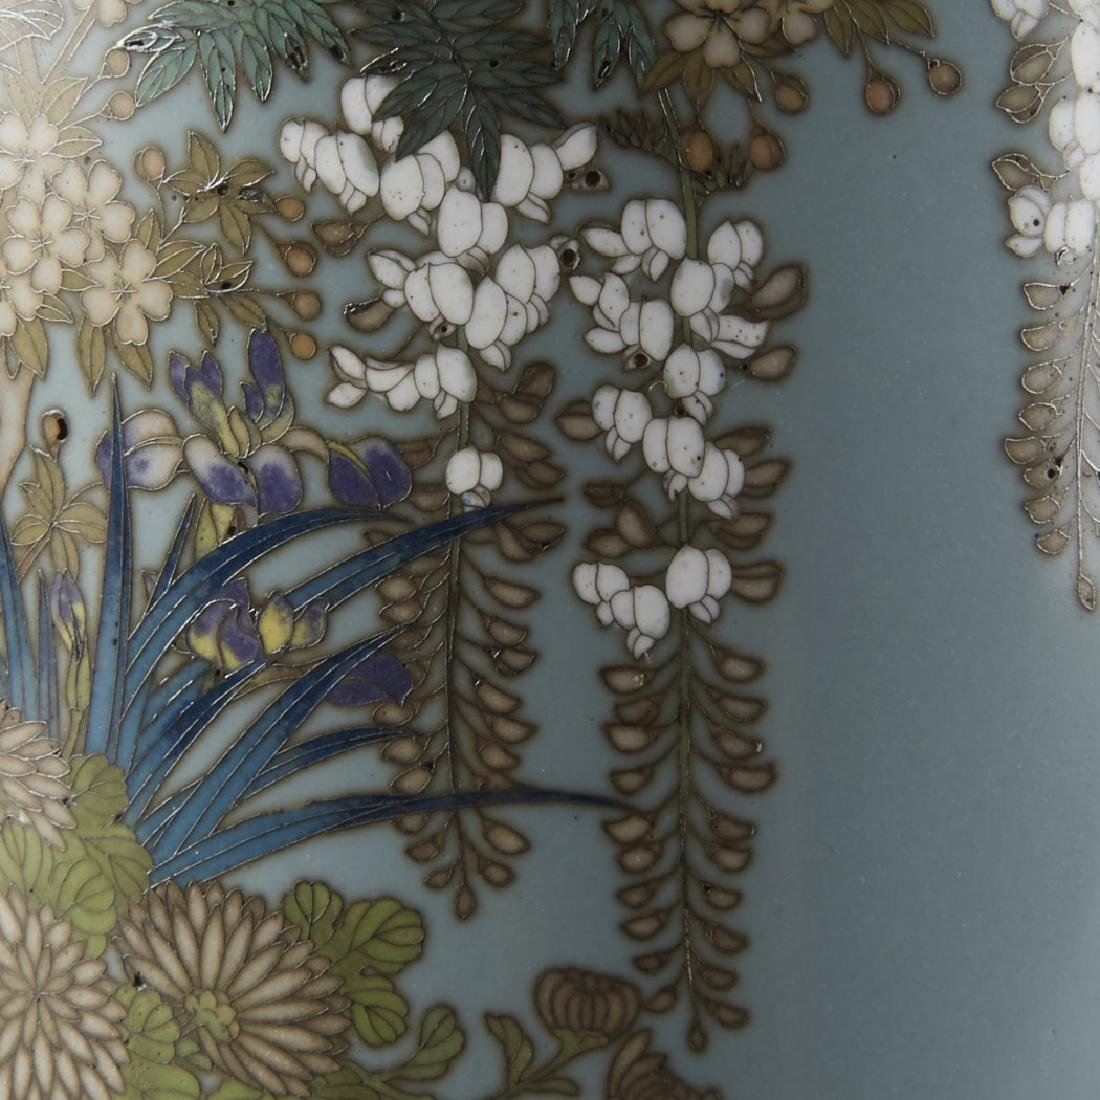 Japanese Cloisonne Vase after of Hayashi Kodenji - 7